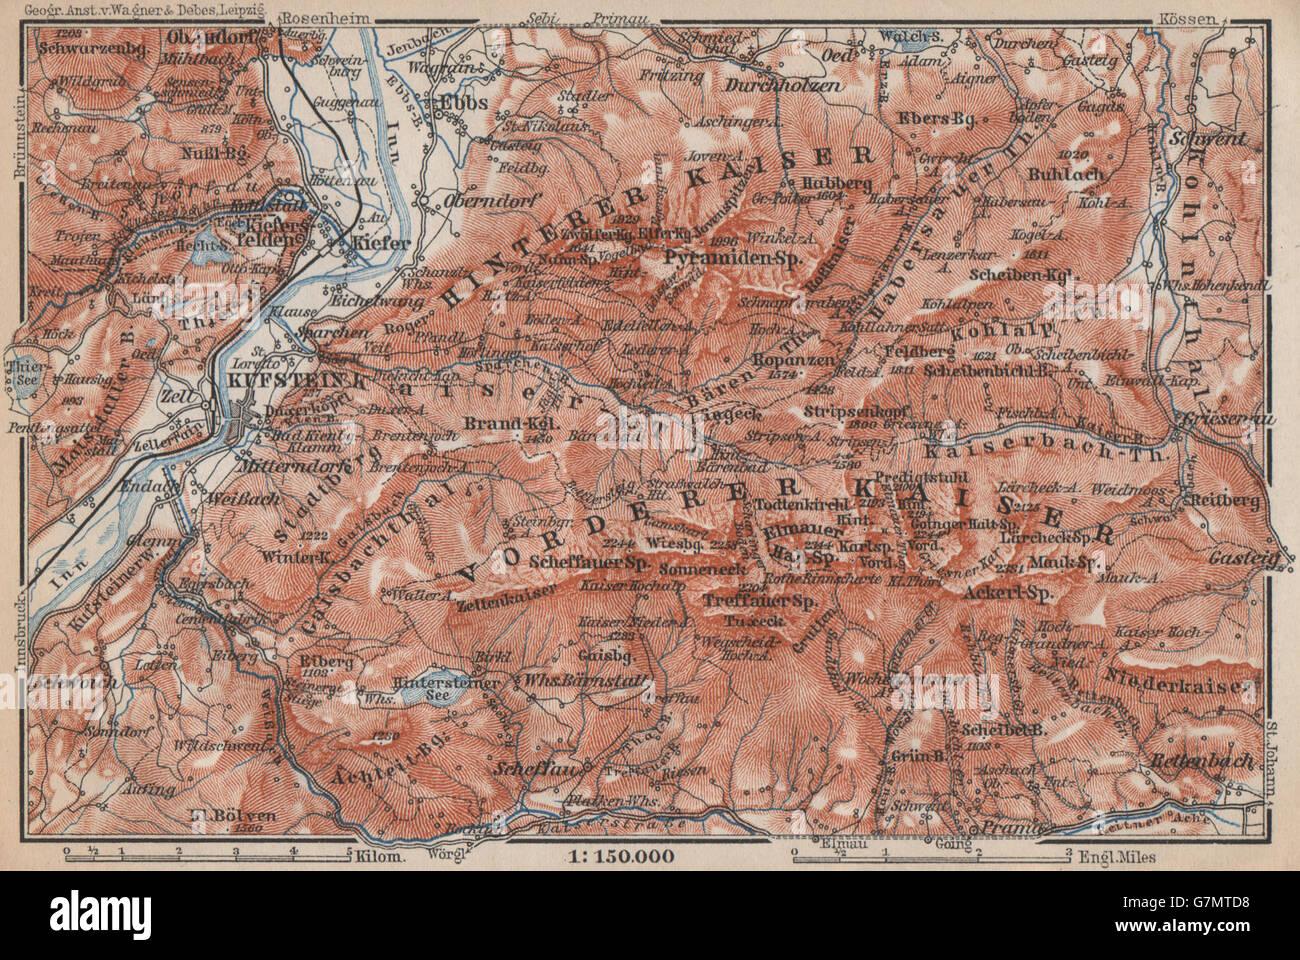 Chiemgau & Environs Kufstein Traunstein Lofer Kössen Karte 1914 Map Chiemsee